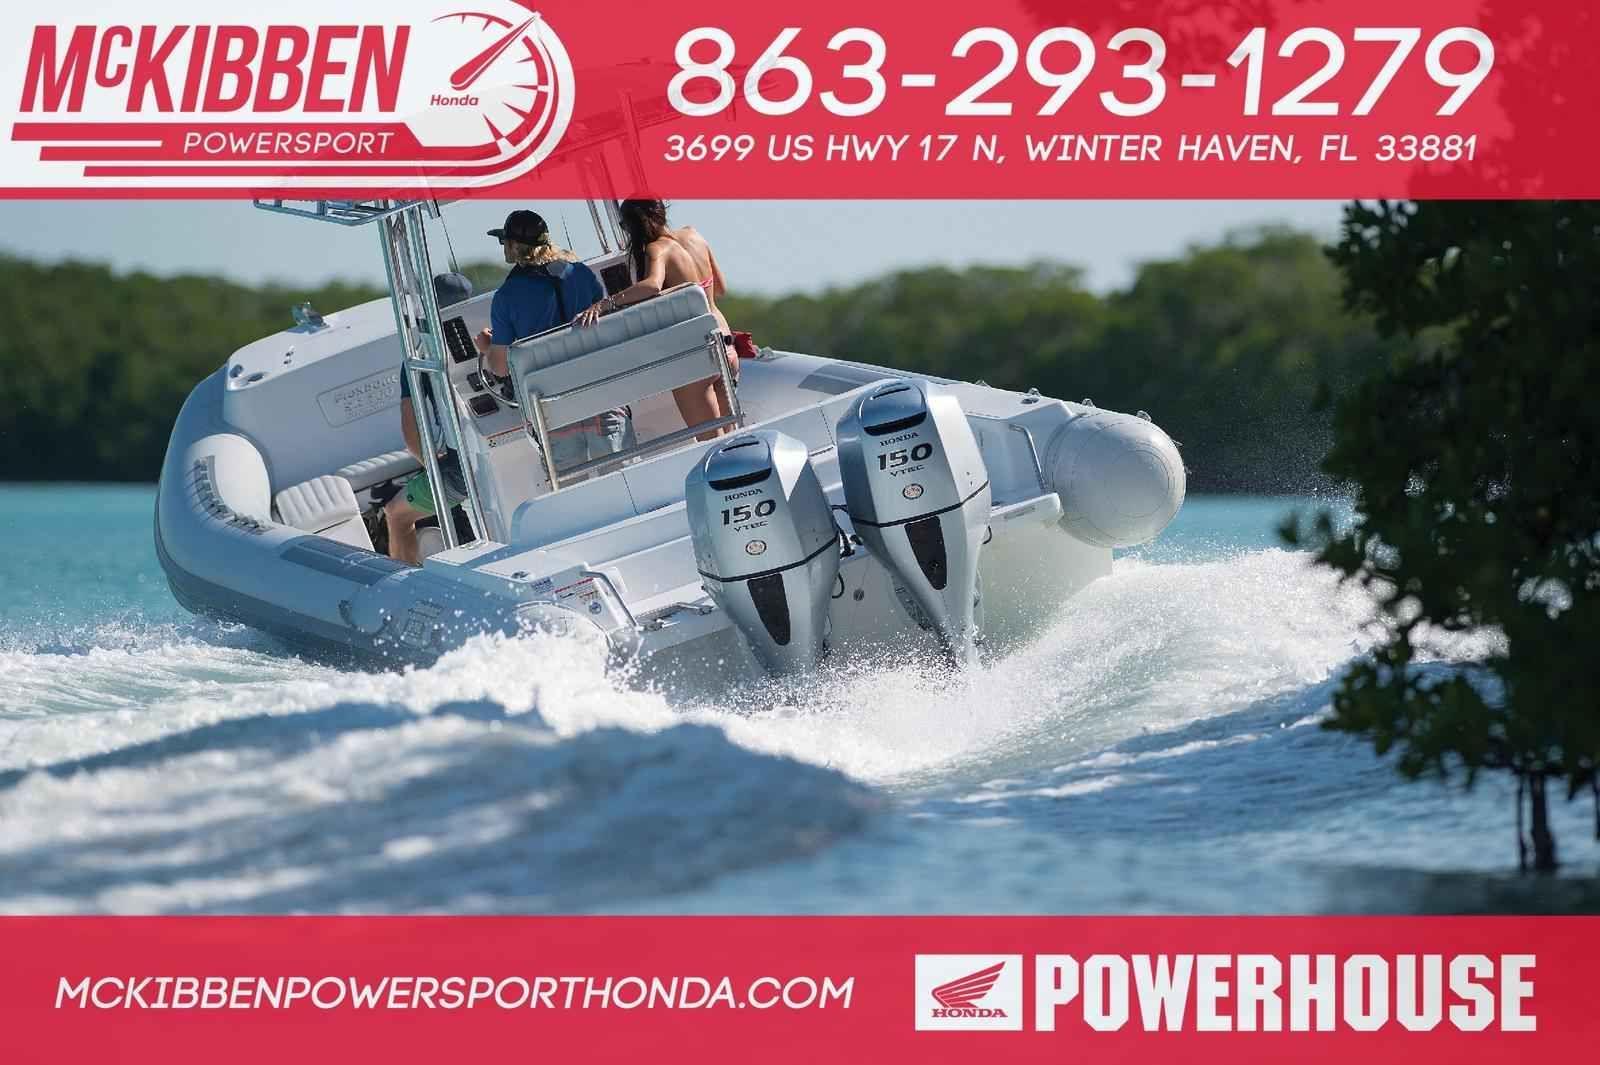 New 2016 Honda Marine BF150 20 In. Jet Skis For Sale in